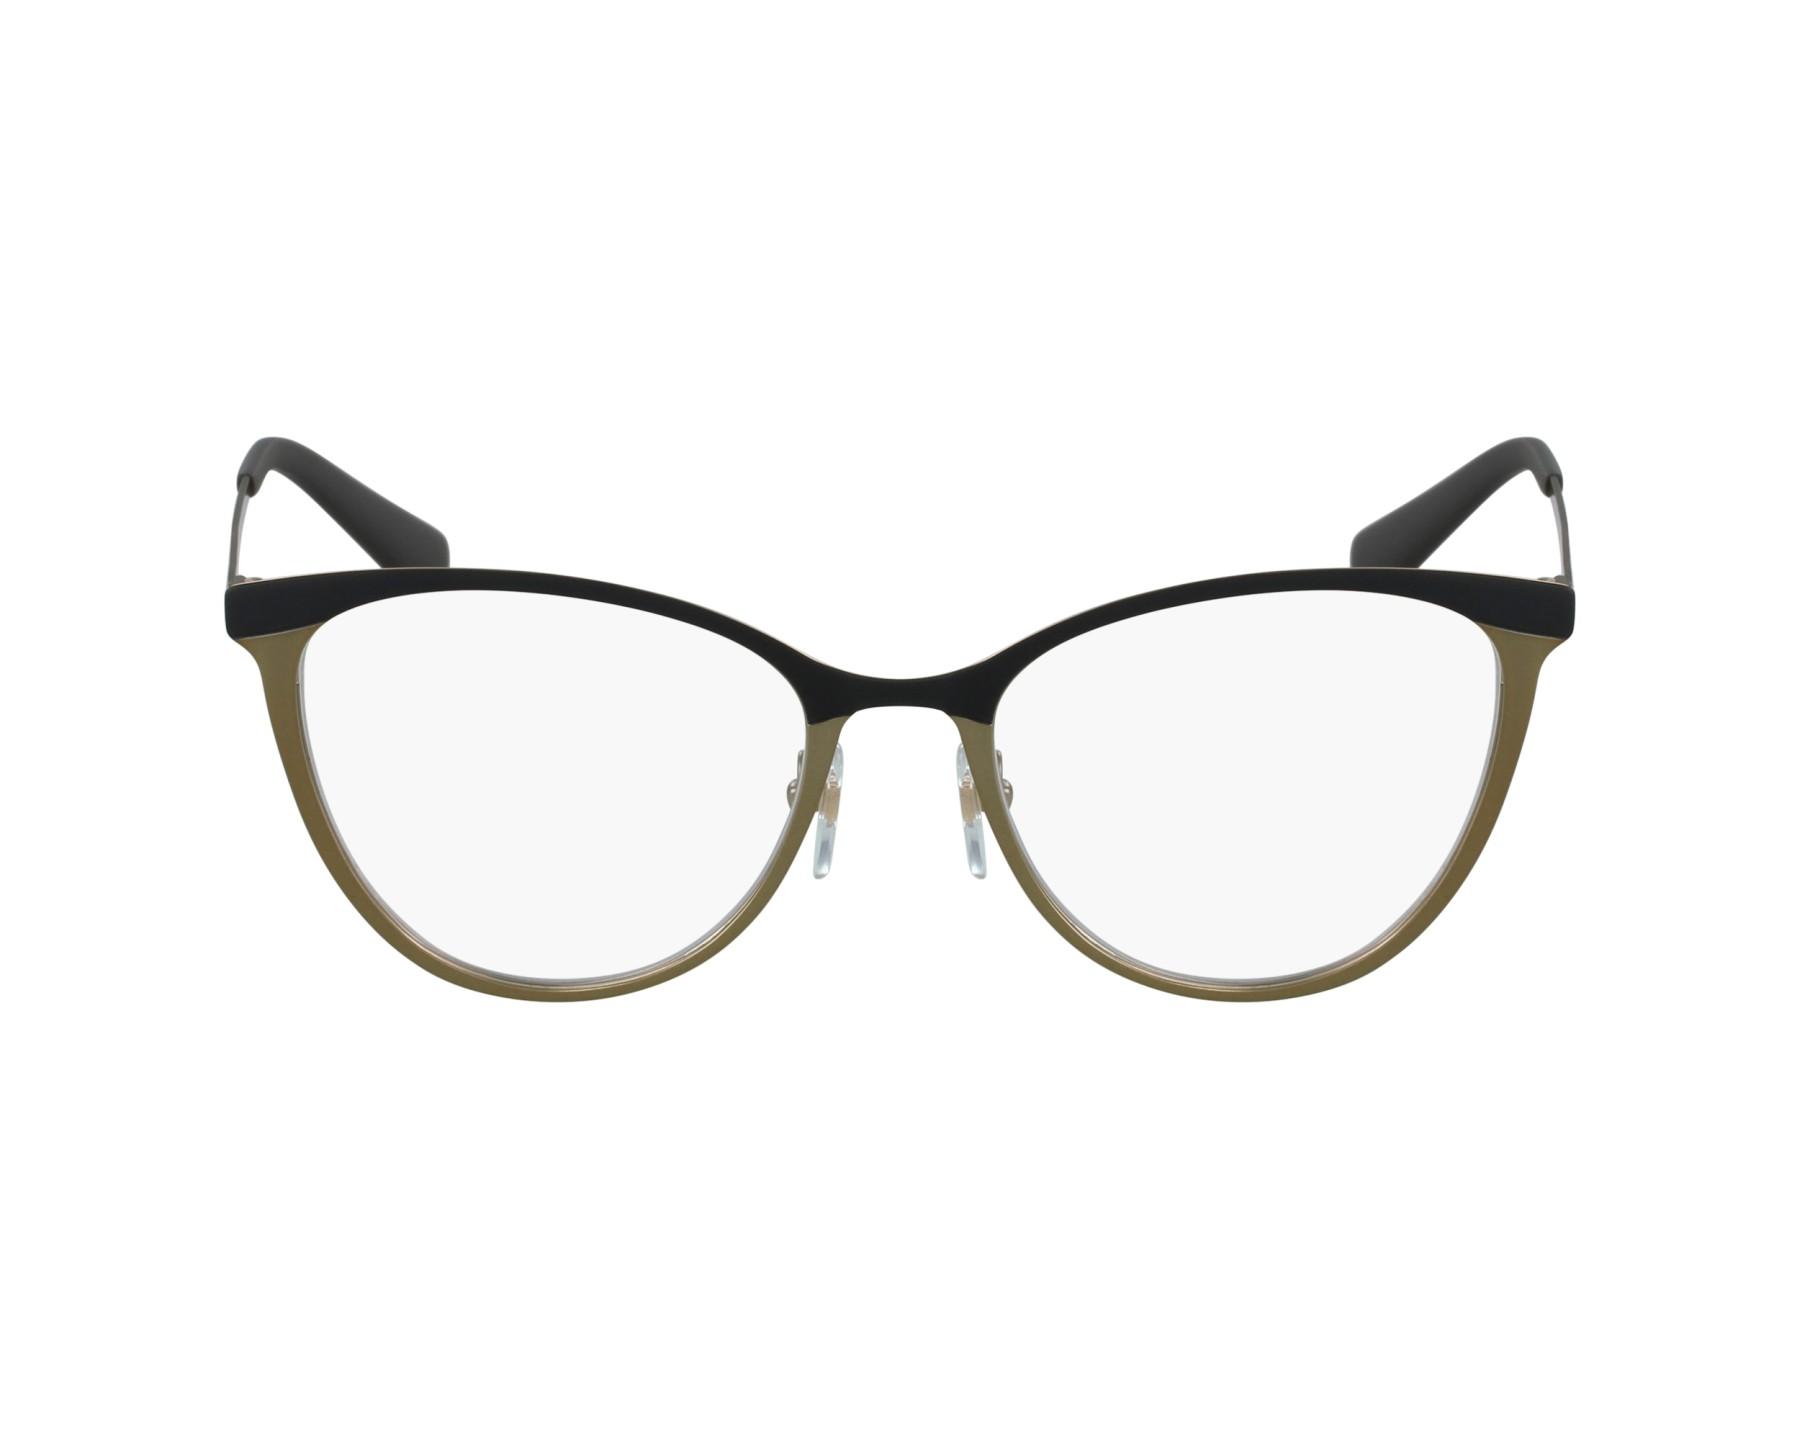 Vogue Eyeglasses Gold VO-4001 999S - Visionet US